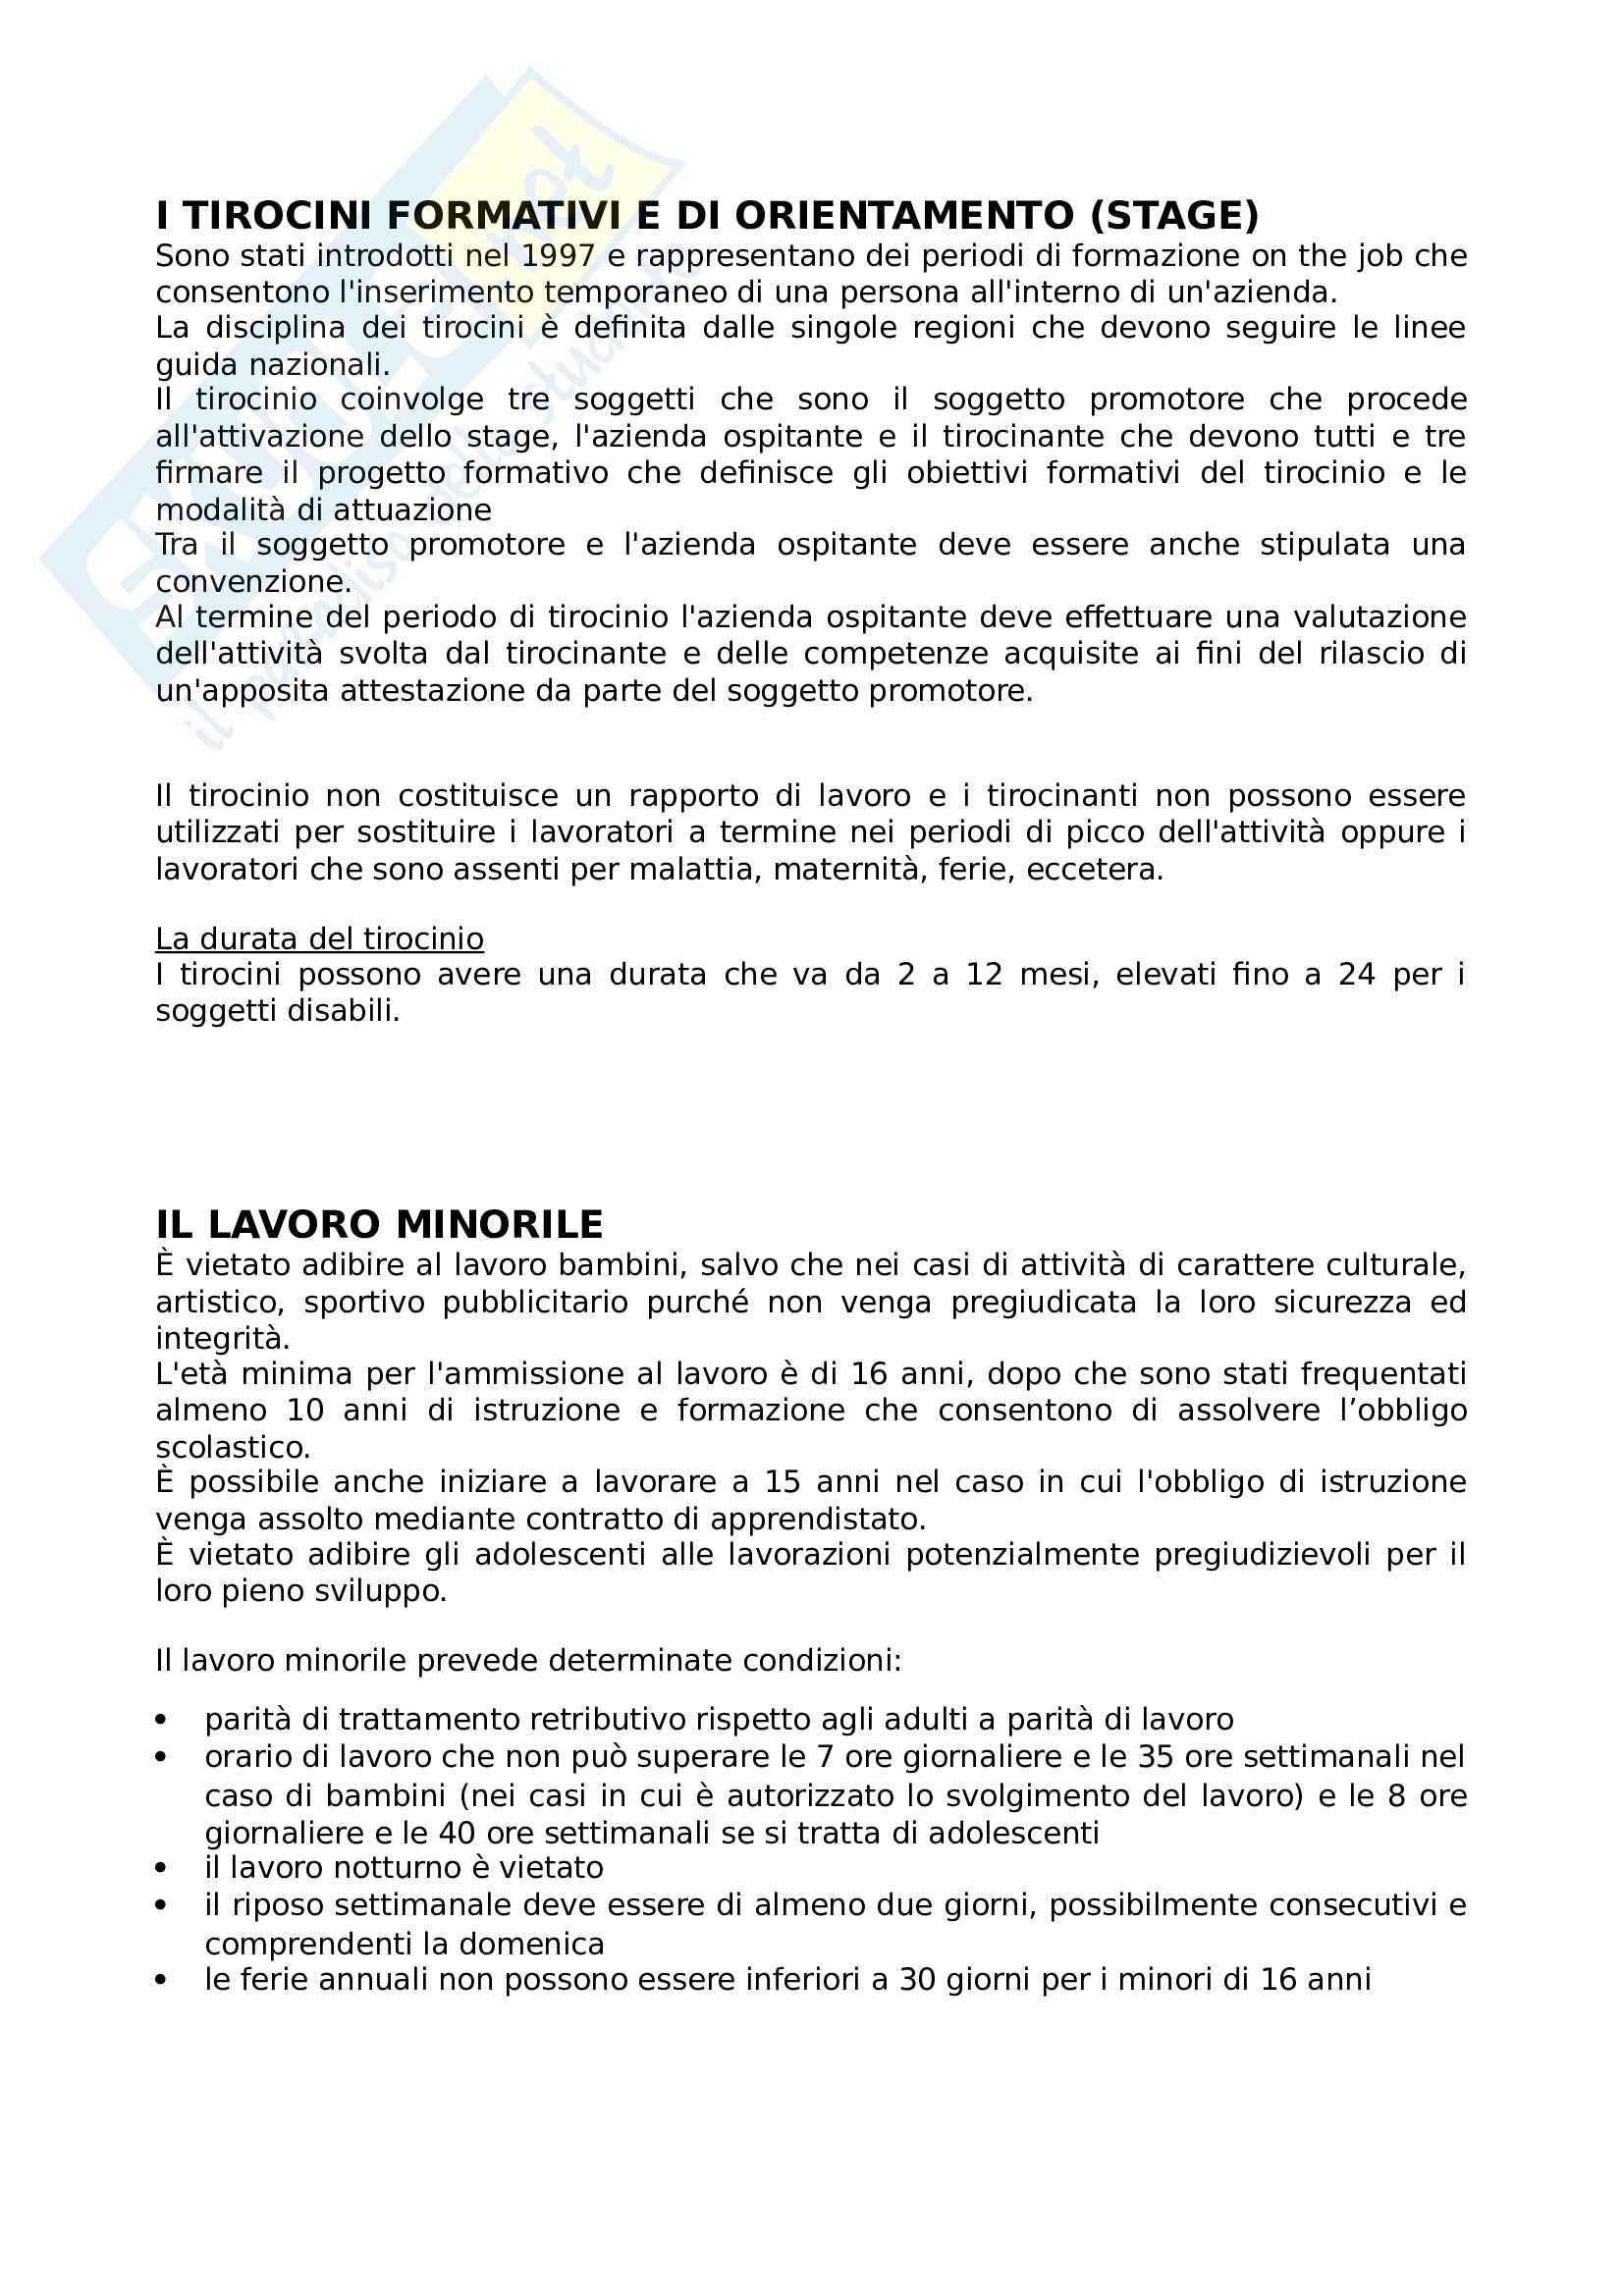 contratti di lavoro diritto di lavoro Pag. 11